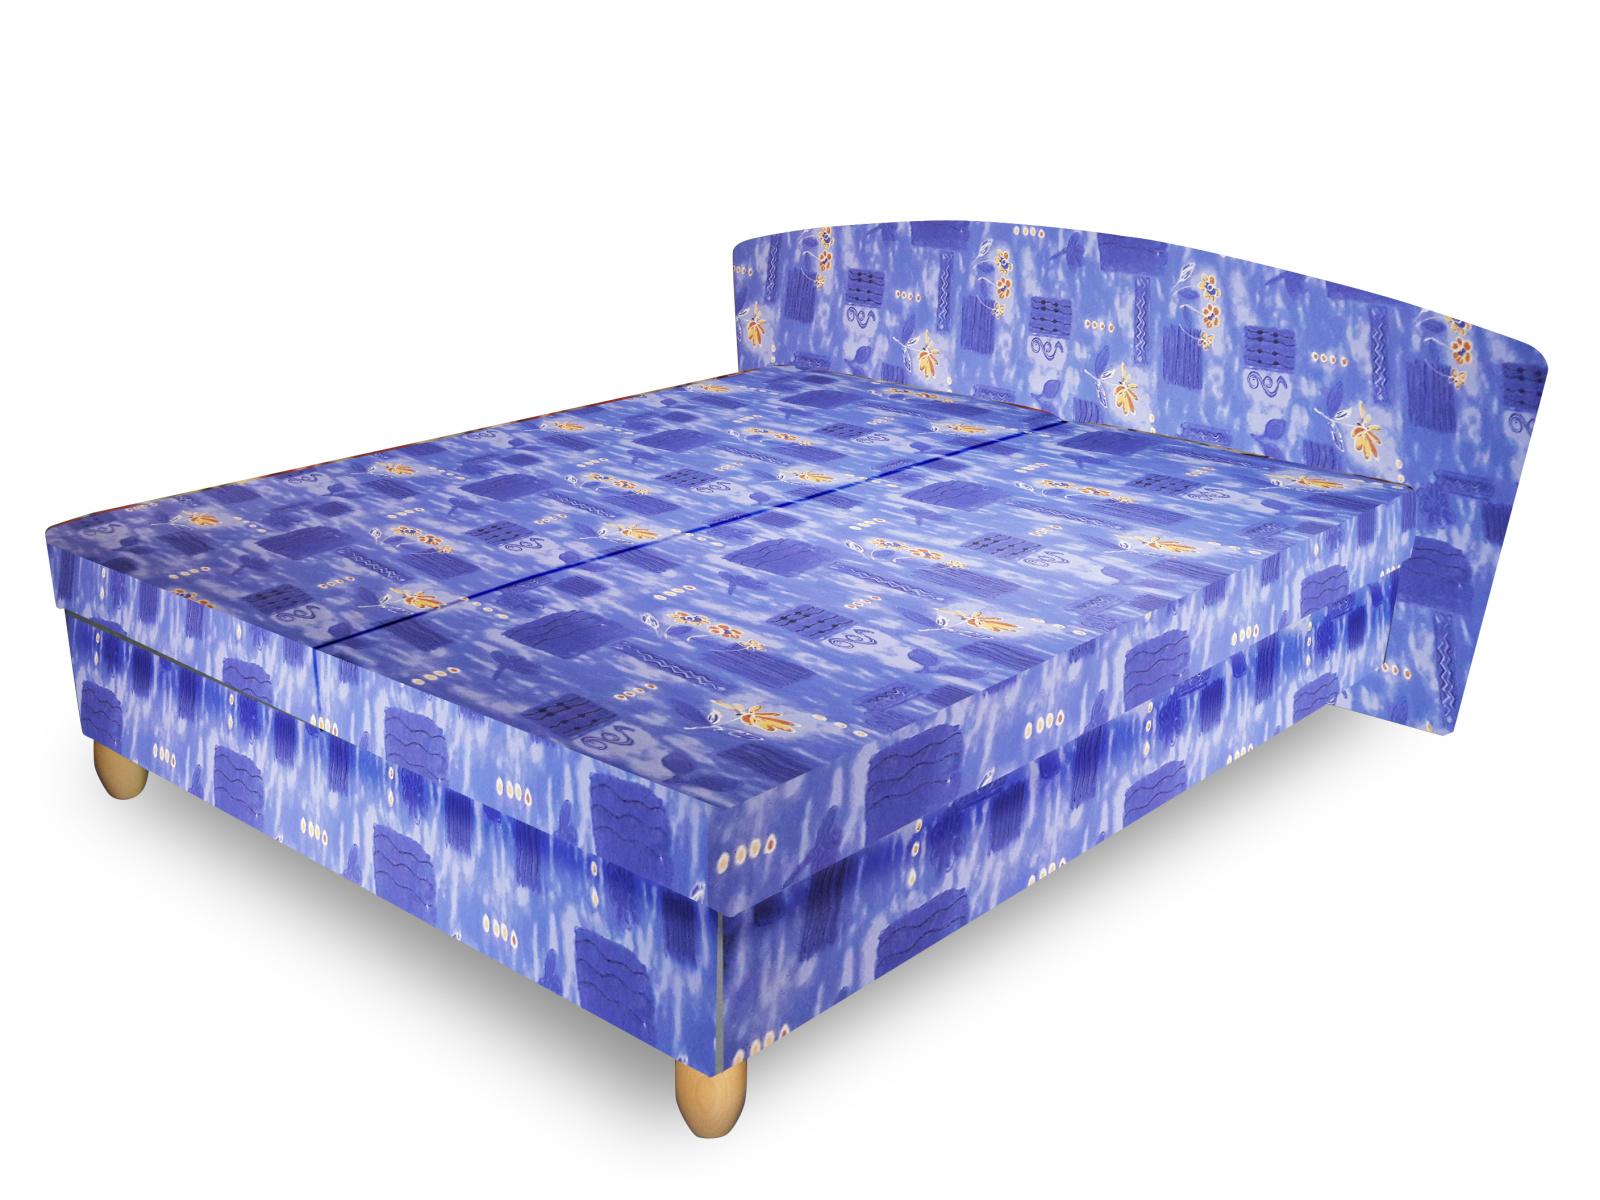 Smartshop Čalouněná postel NICOL 140x200 cm, modrá látka